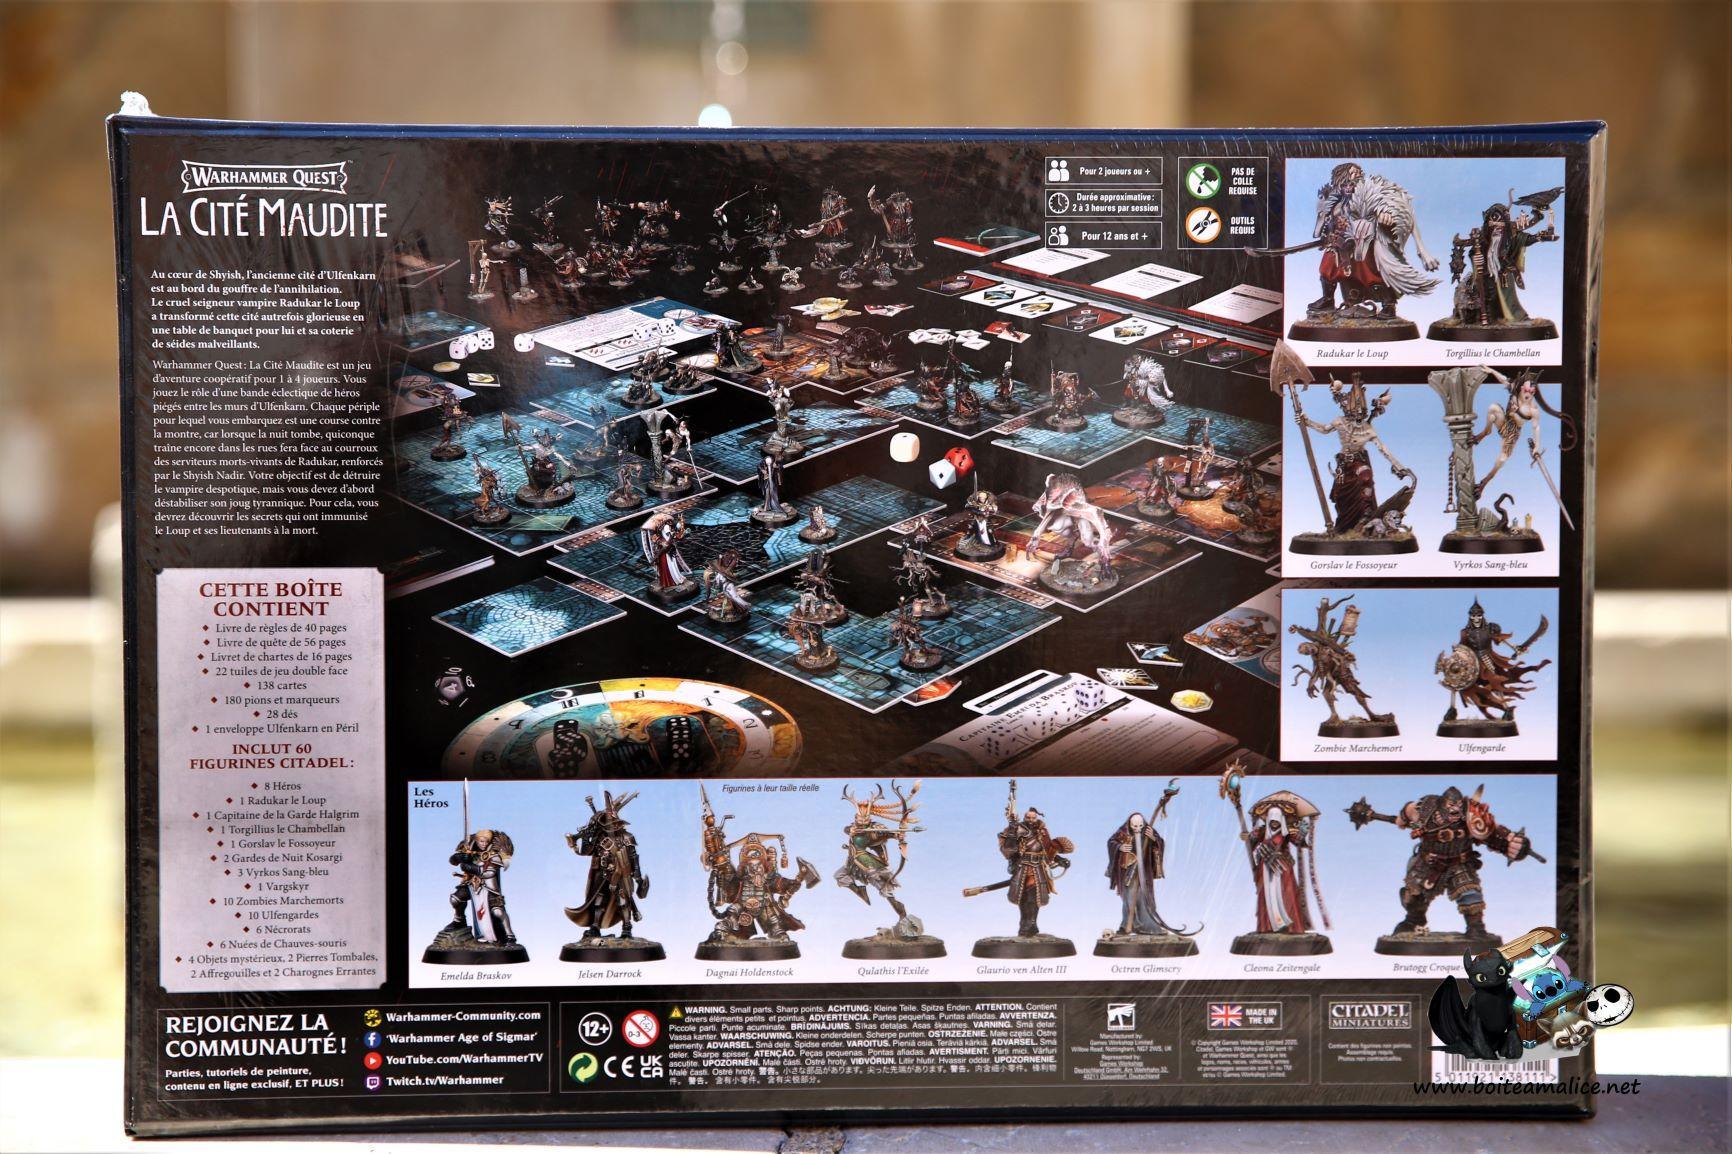 Warhammer quest la cite maudite 2